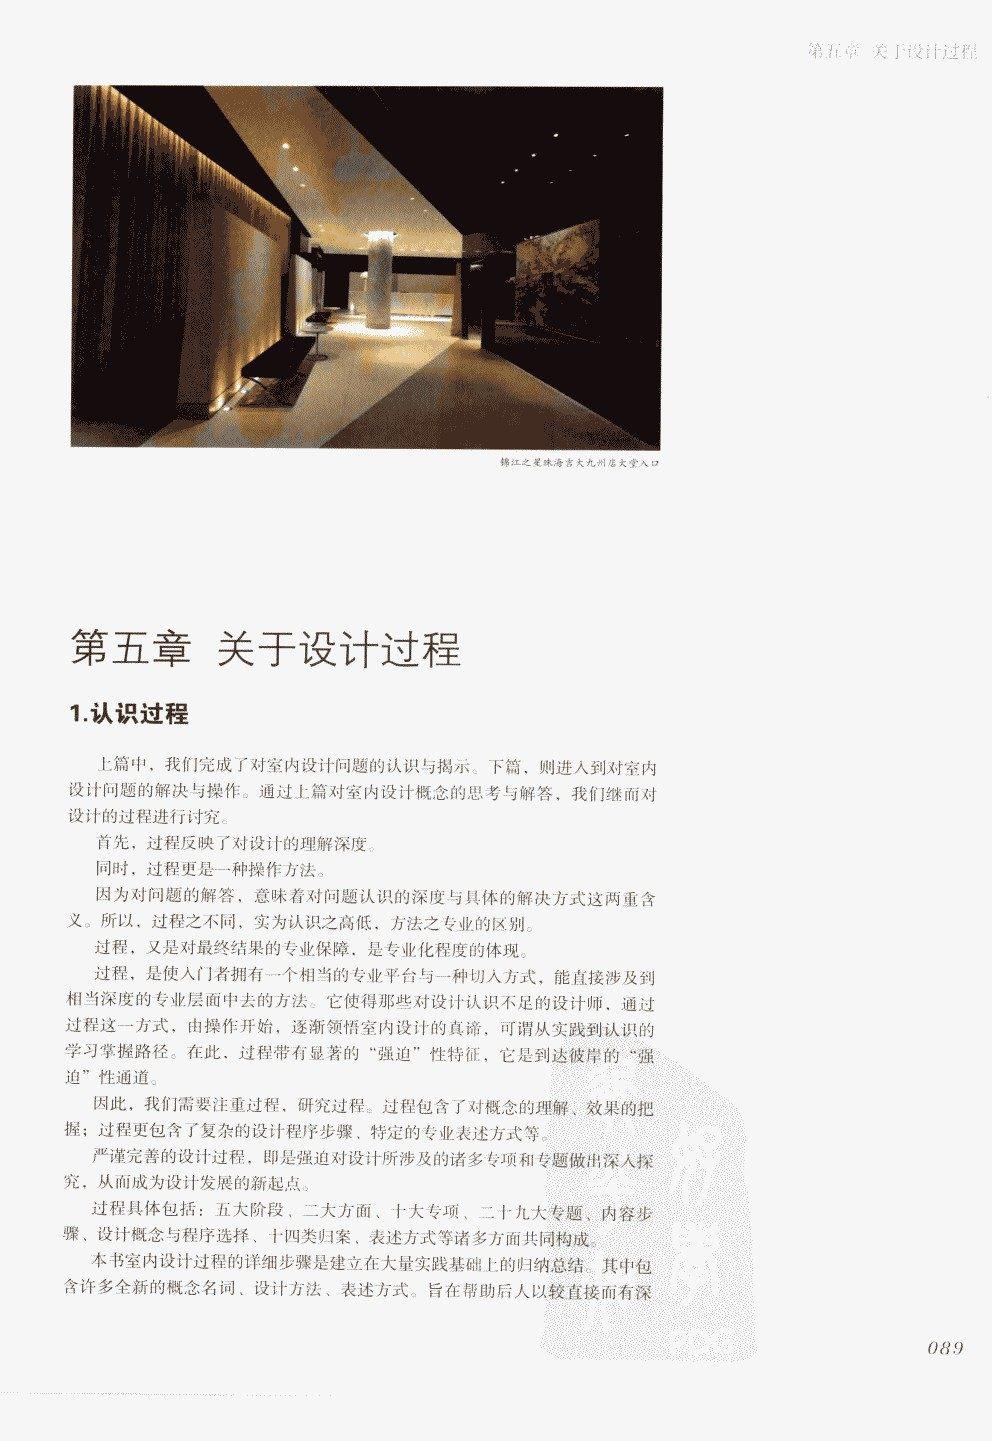 室内设计纲要++概念思考与过程表达_室内设计纲要  概念思考与过程表达_1297982..._页面_097.jpg